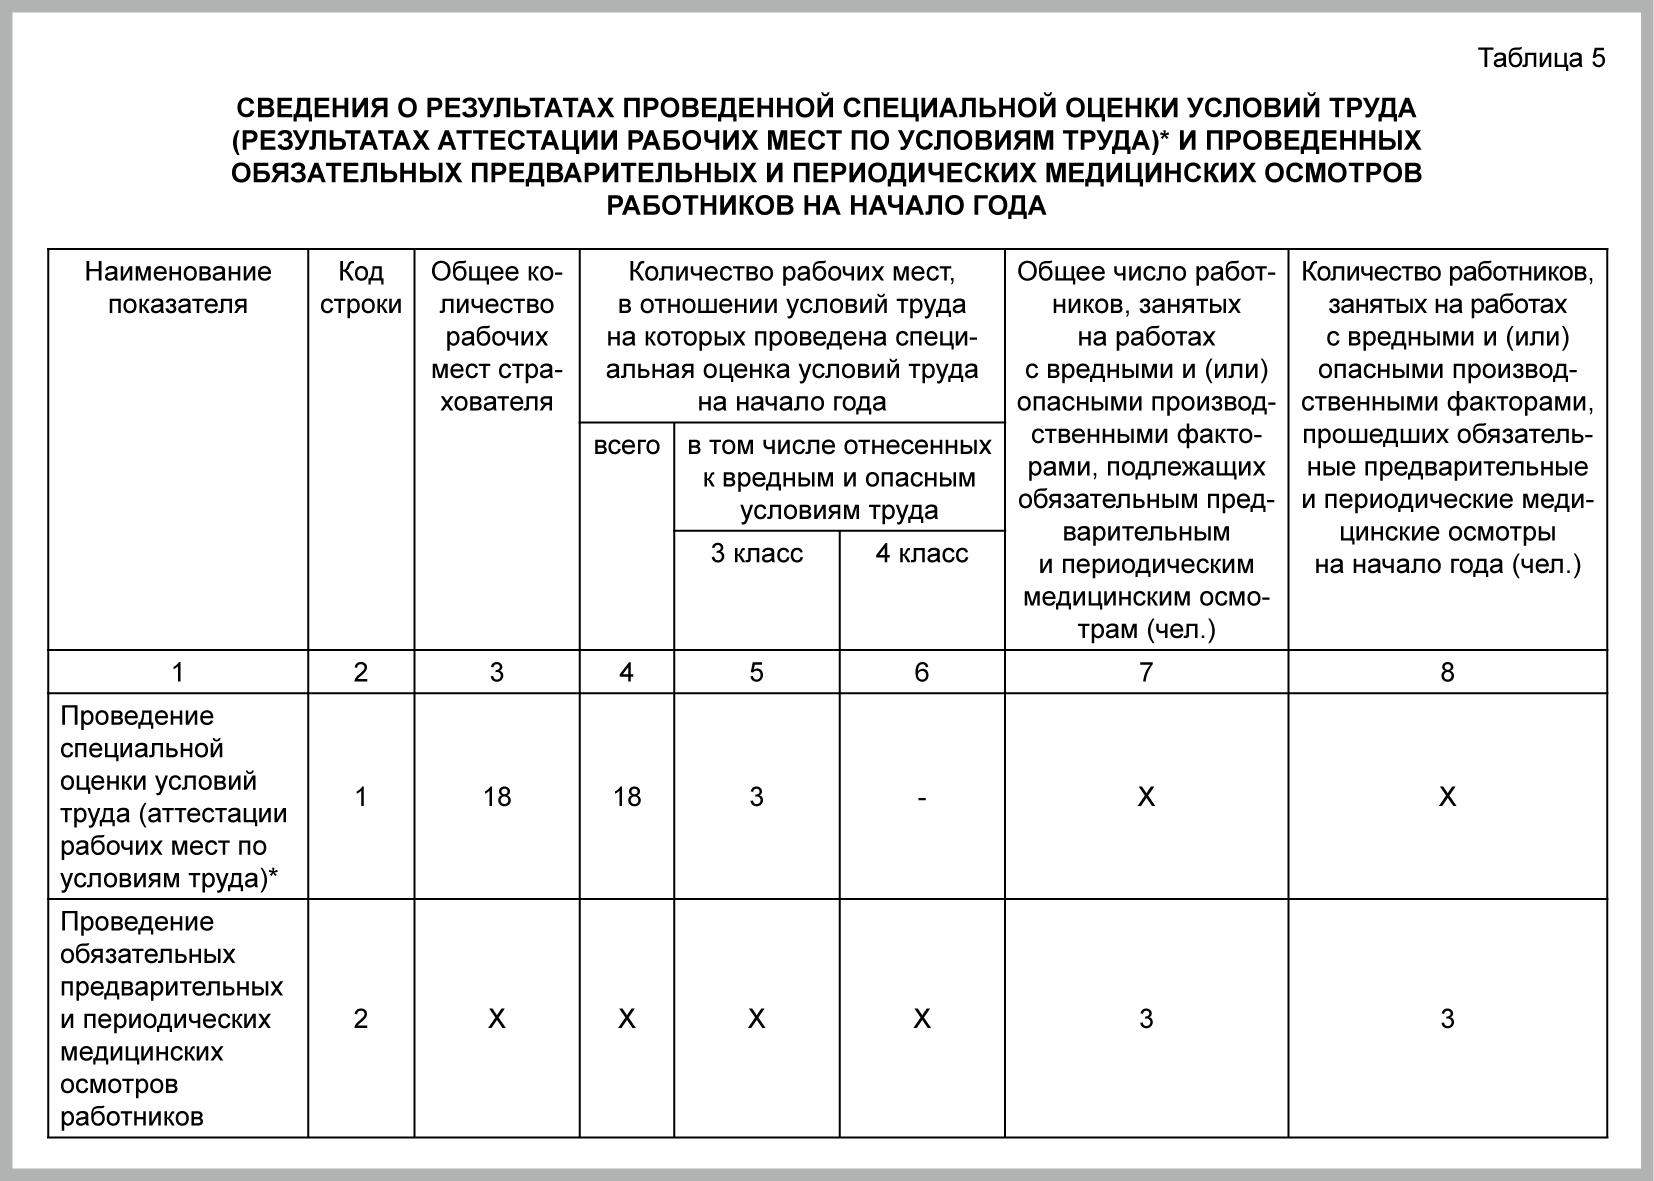 Заполнение формы 4-ФСС за 1 квартал 2019 года